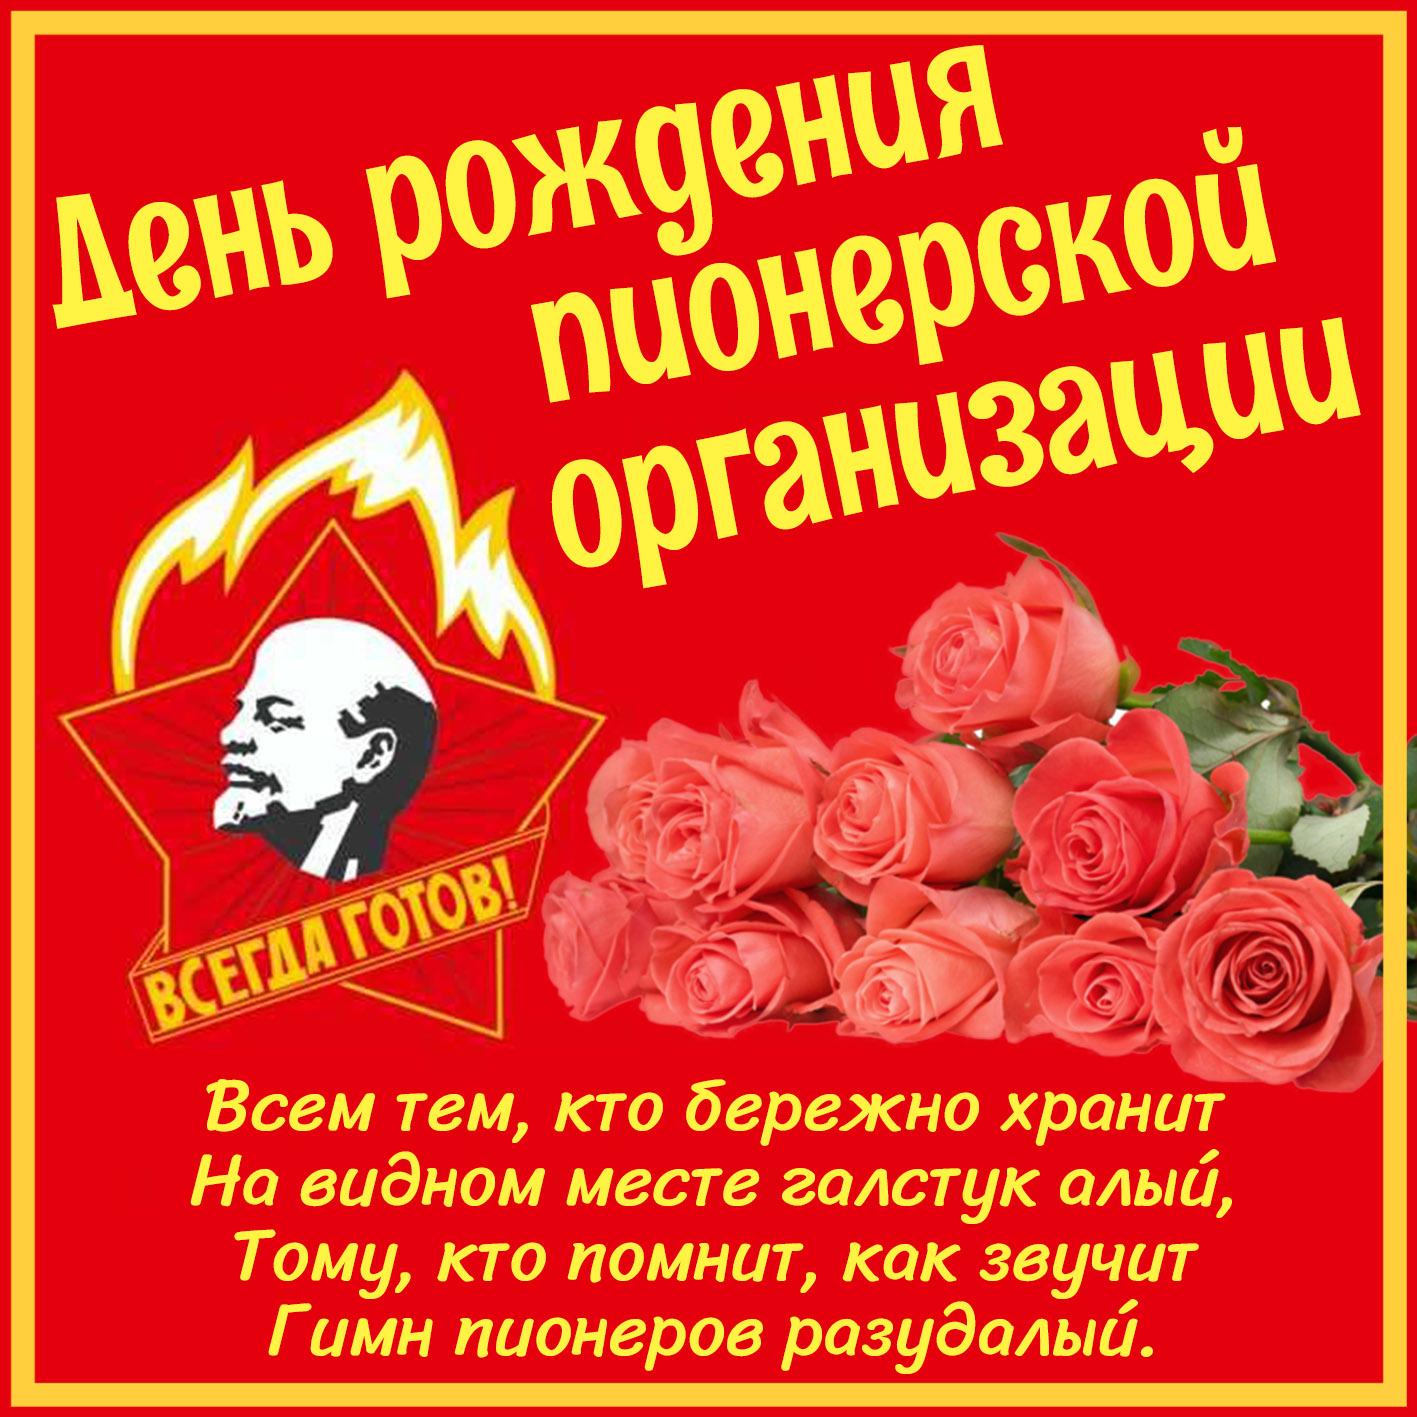 Картинка на День рождения пионерской организации